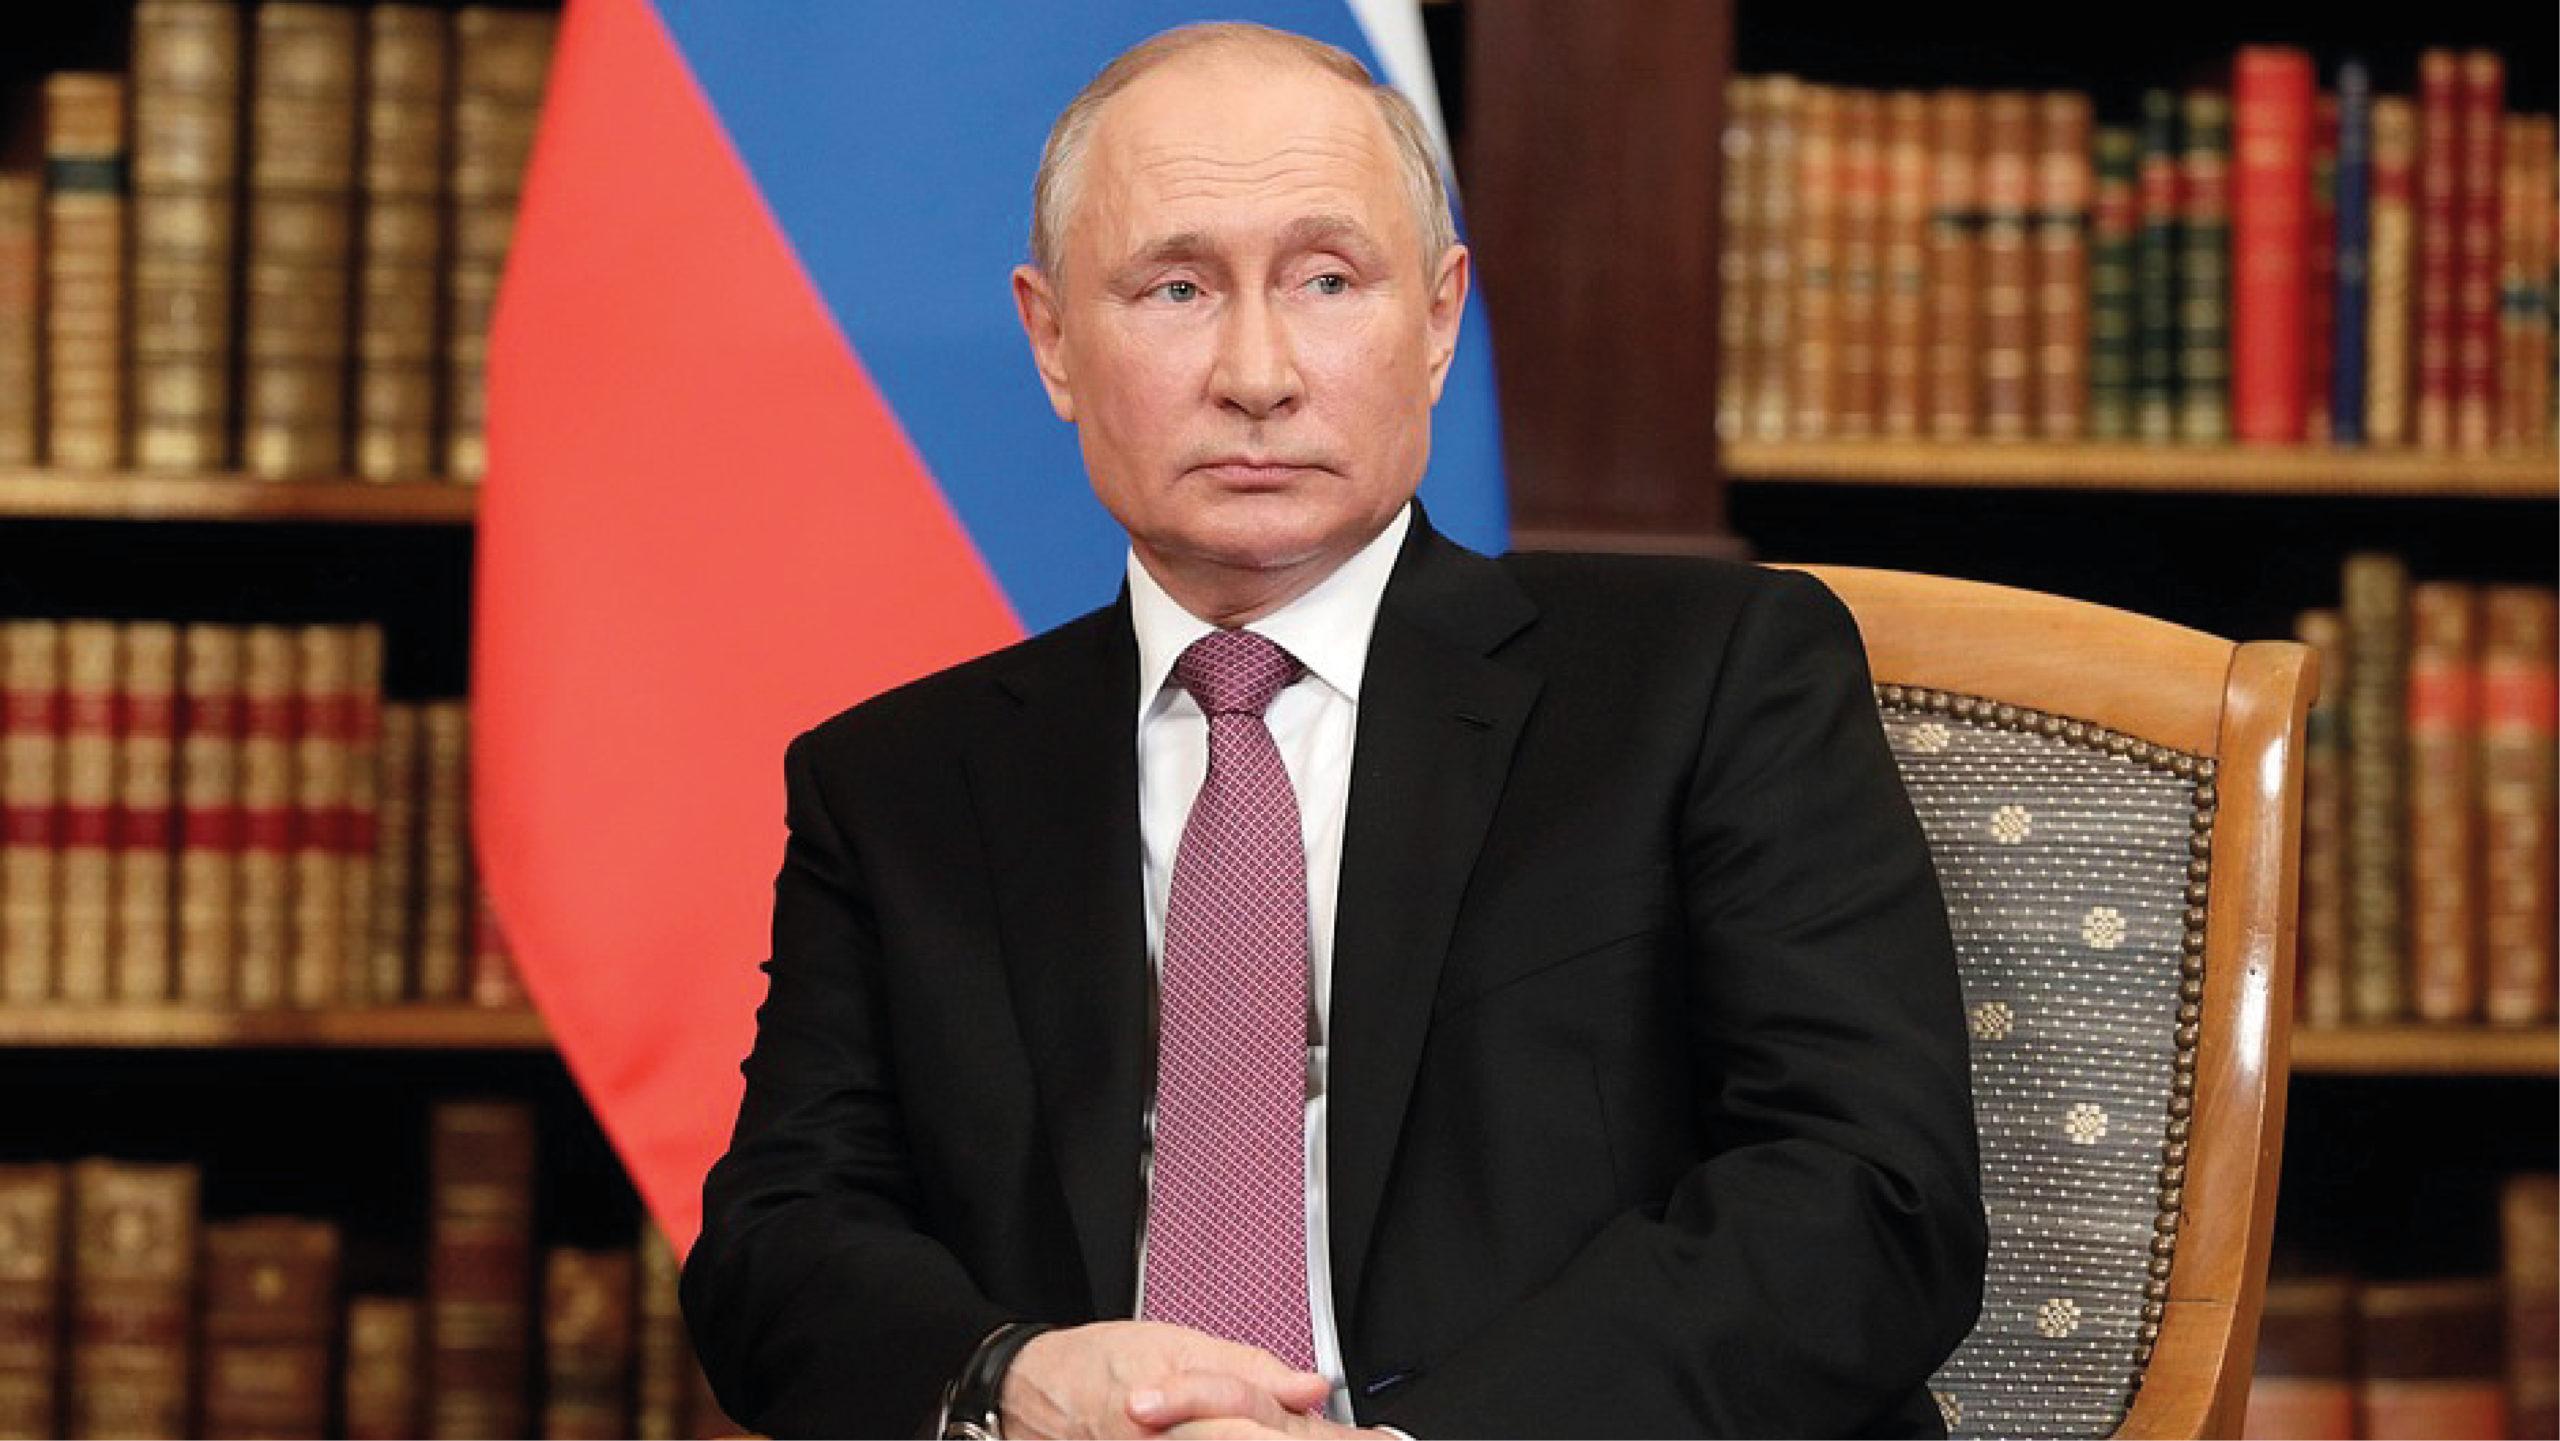 Putin confirma que se vacunó con Sputnik V en febrero